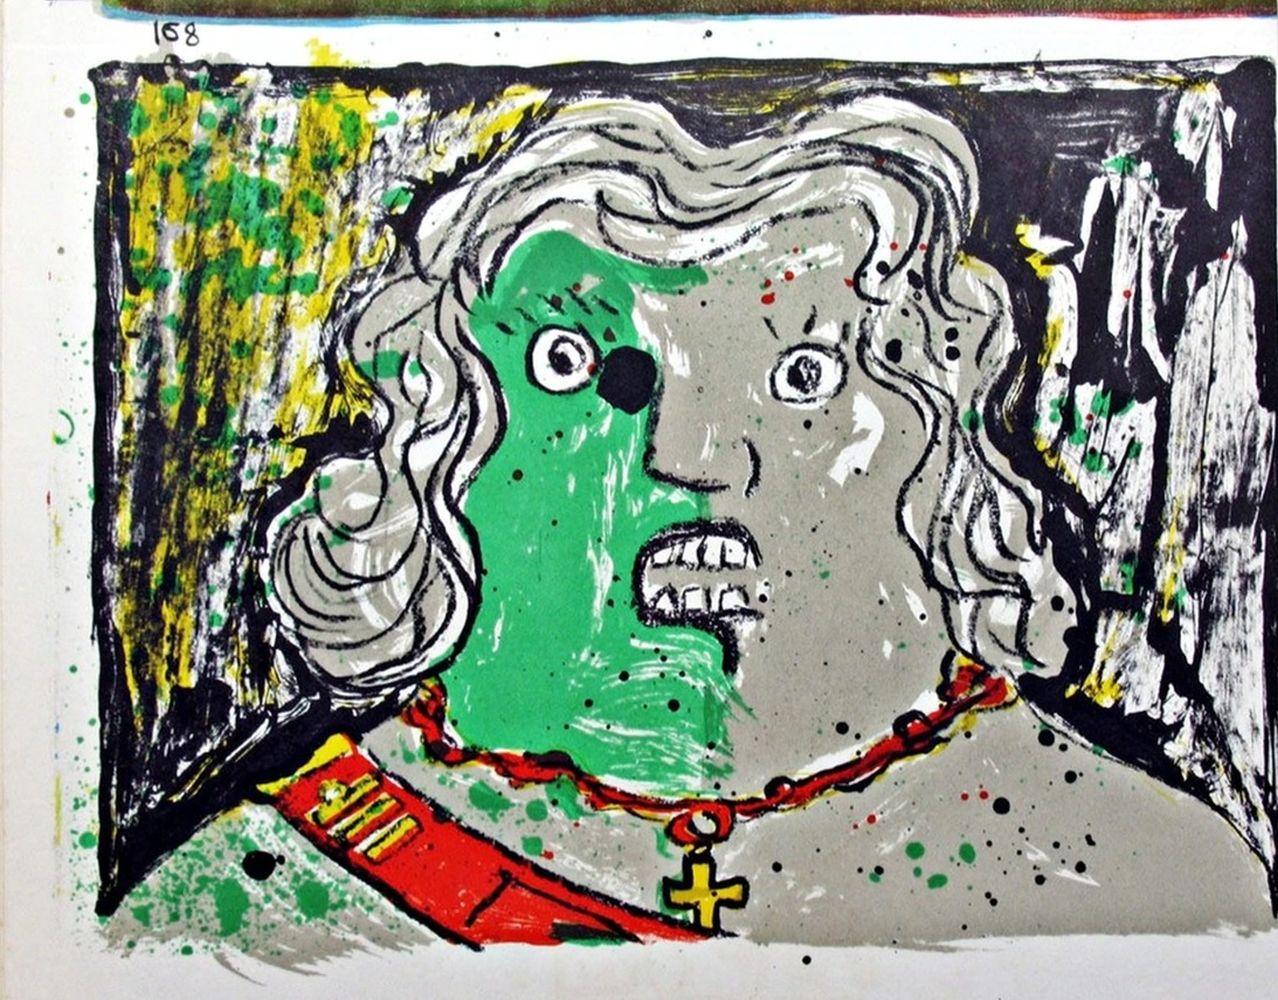 Enrico Baj - Untitled, 1964